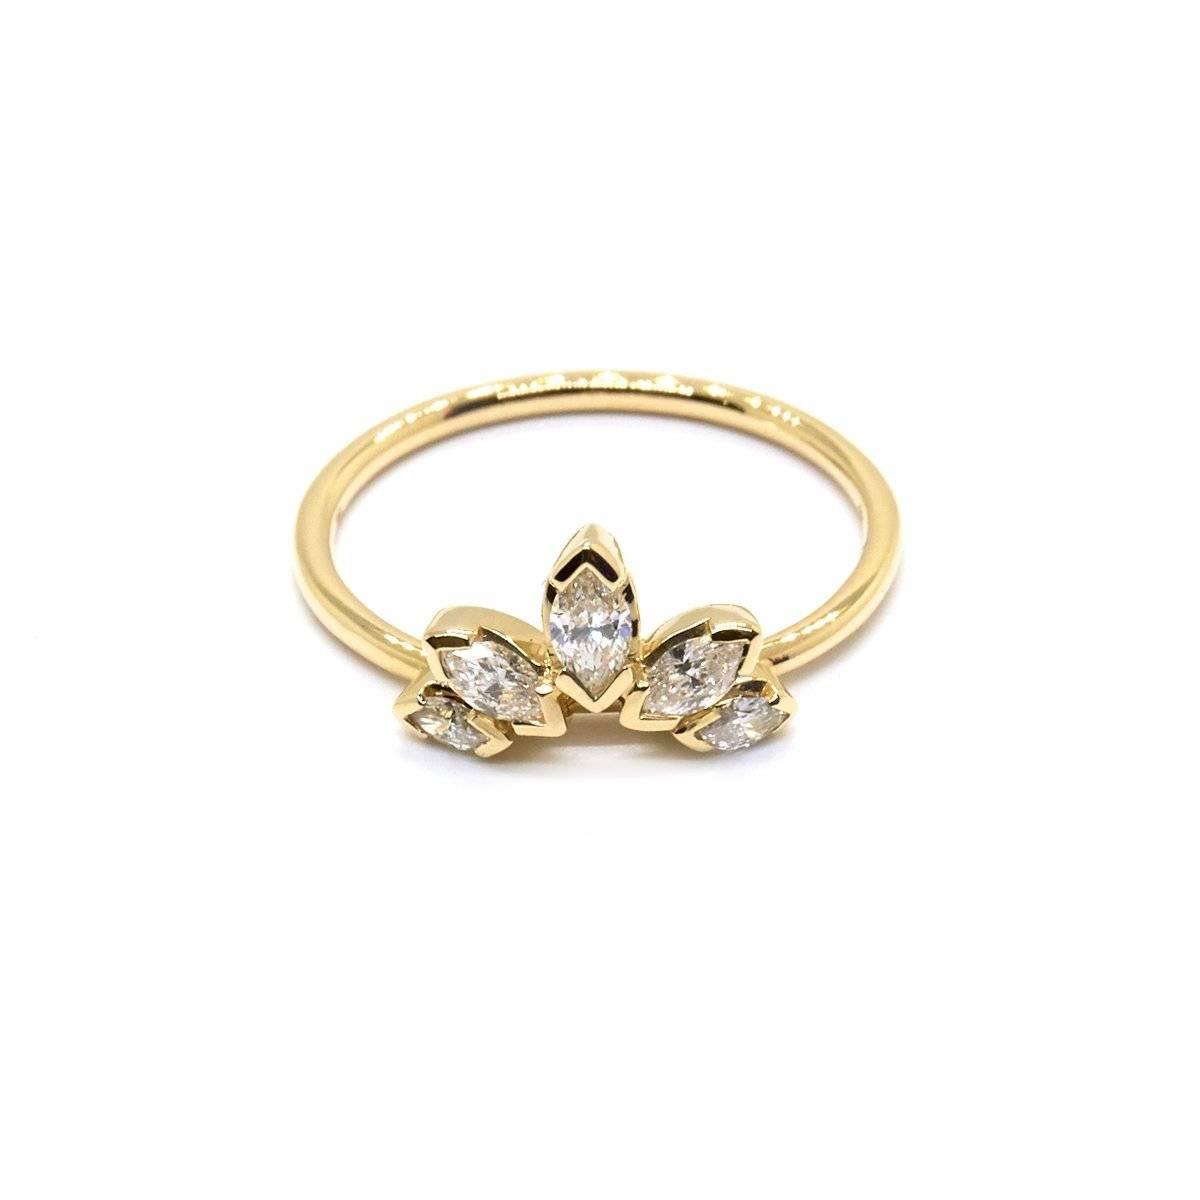 Кольцо с бриллиантами в узоре короны от Natalie Marie Jewerelly (Фото: материалы для прессы)